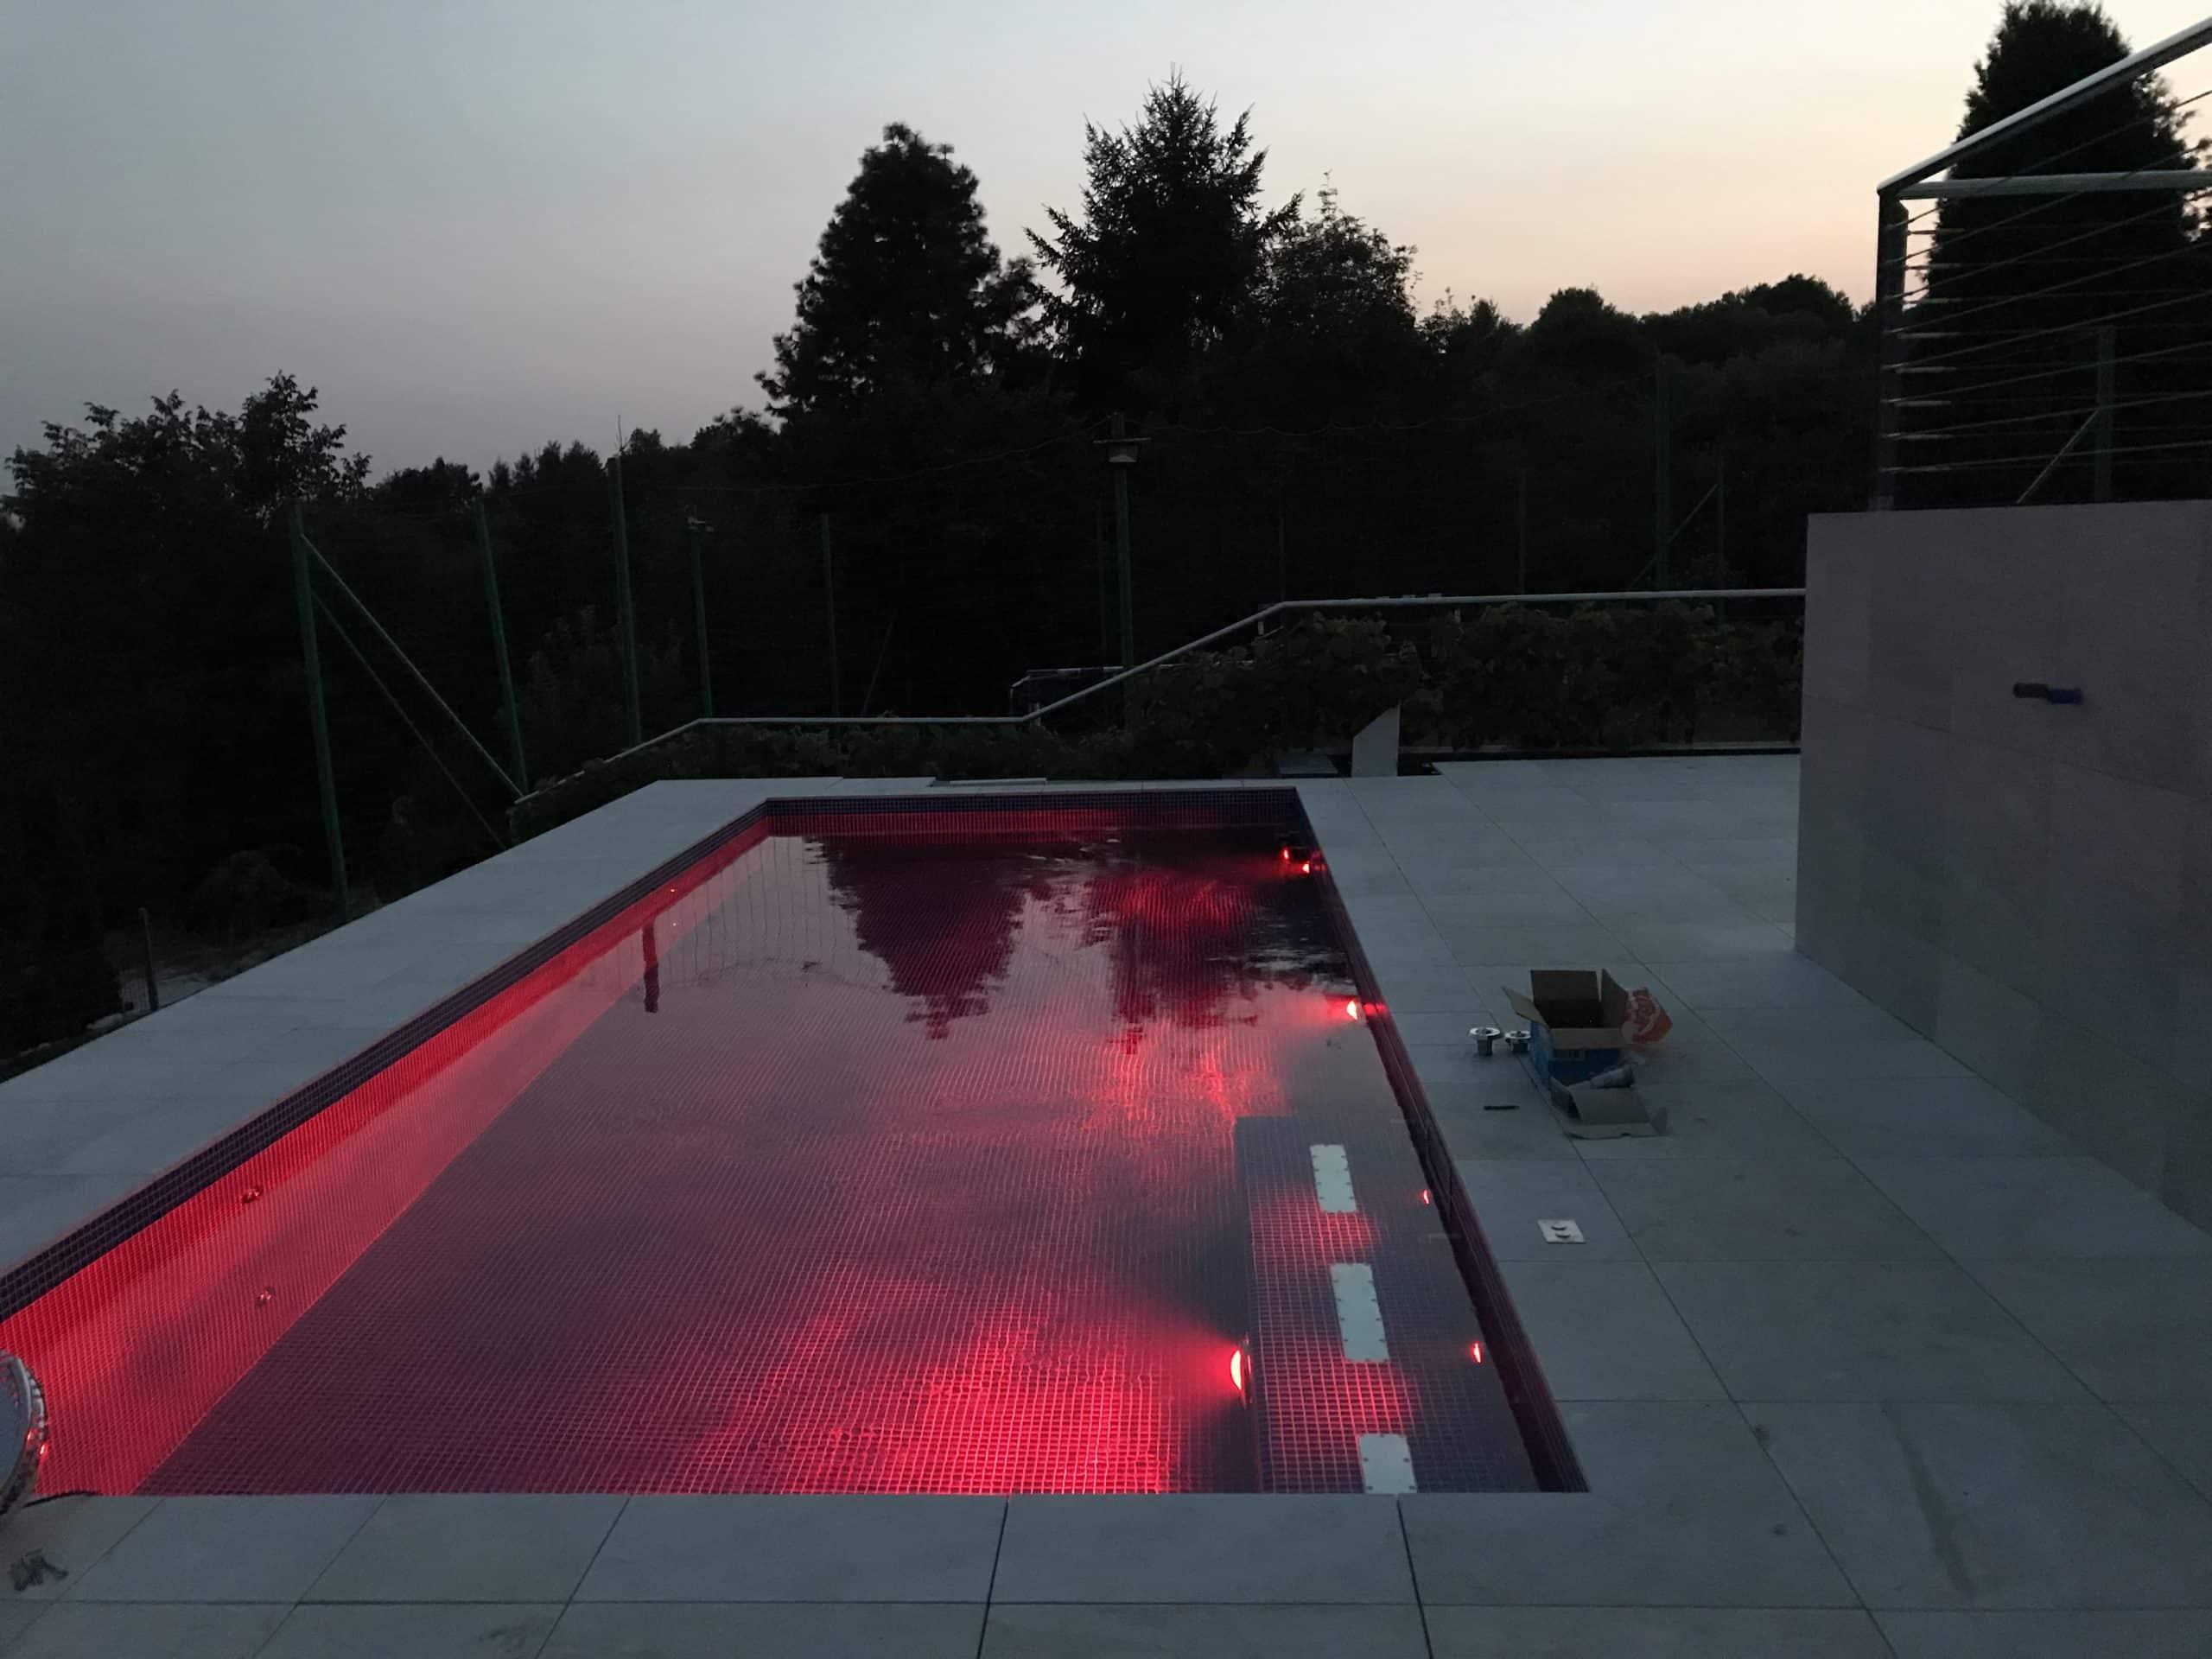 basen, niecka żelbetowa, próba obciążeniowa, budowa, mozaika basenowa, atrakcje basenowe, oświetlenie basenu, led, kolorowe